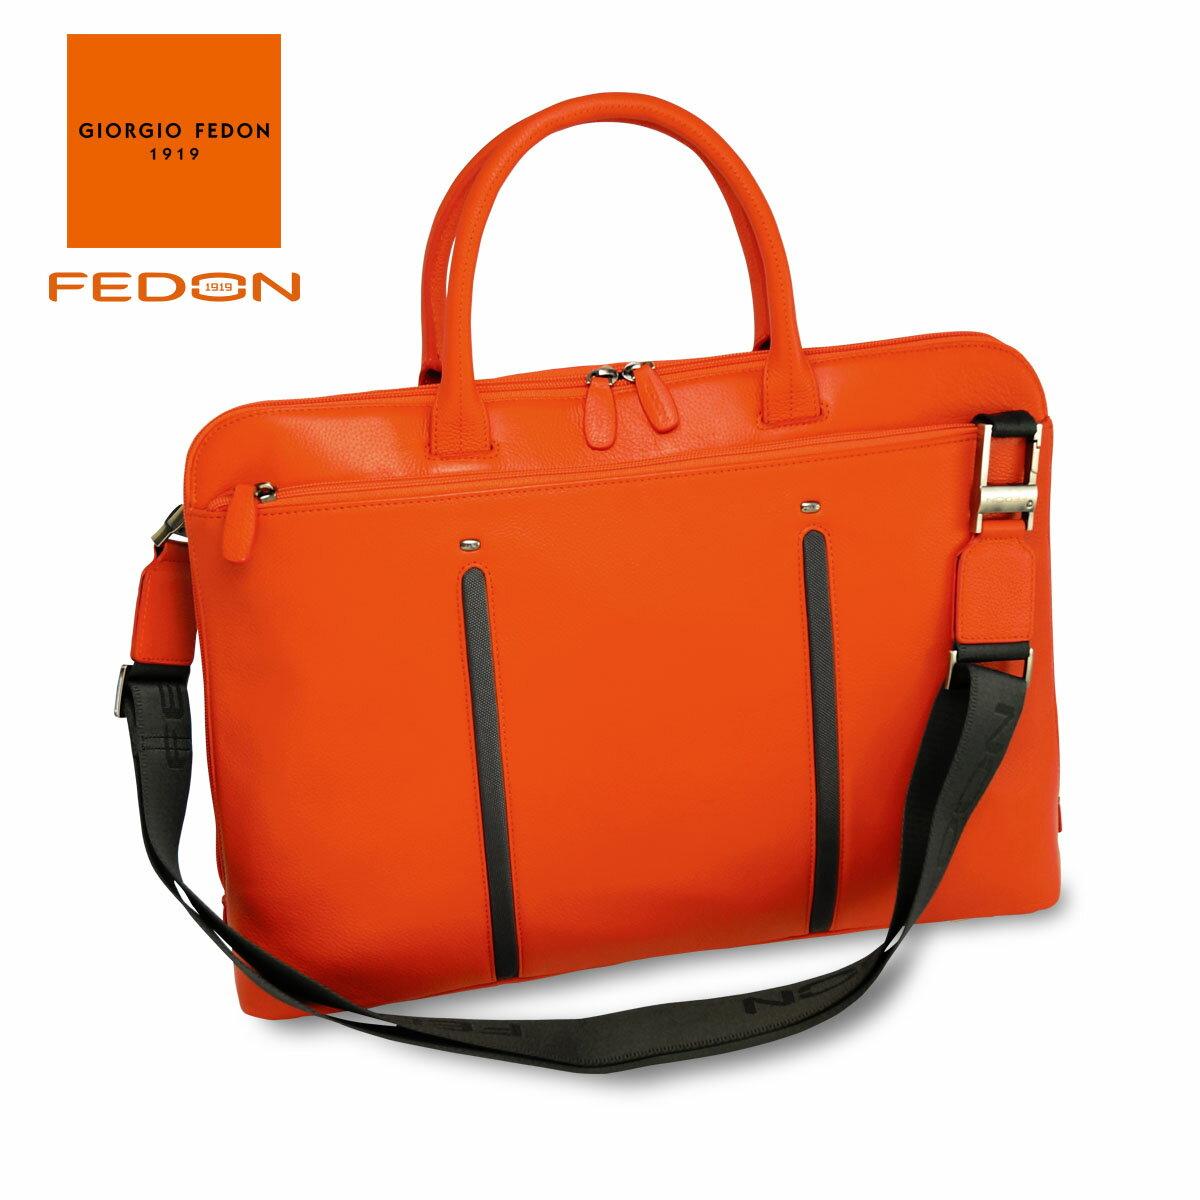 【イタリアブランド】 PCバッグ ビジネスバッグ ブリーフケース ショルダーバッグ 本革 レザー 通勤 出張 ジョルジオフェドン GIORGIO FEDON WEB-FILE-DOC バッグ オレンジ